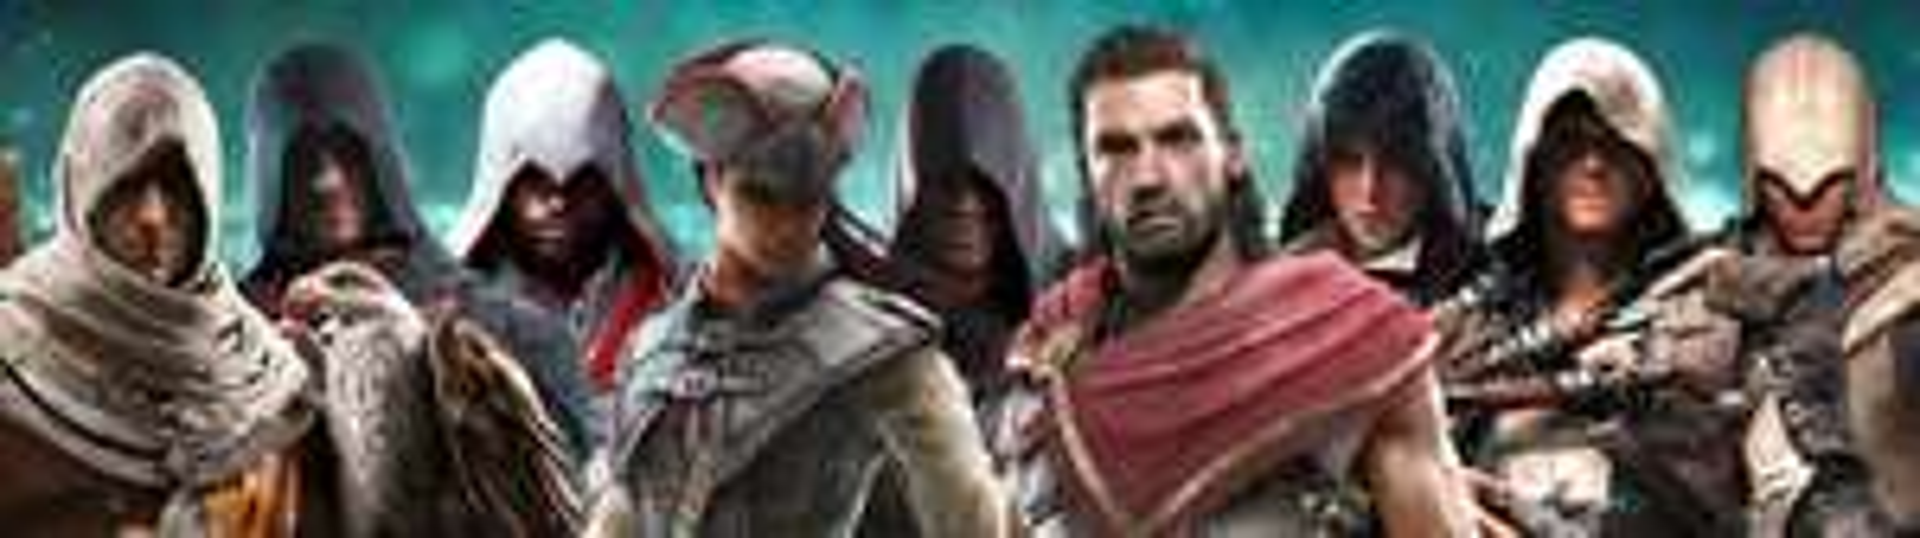 Pełna kolekcja Assassin's Creed ze wszystkimi DLC (ANIMUS PACK)